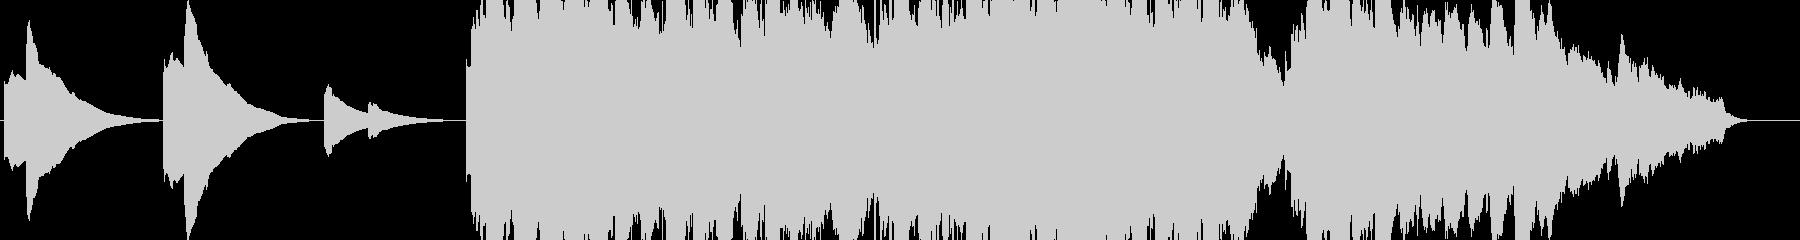 怪しげな5/8拍子の曲の未再生の波形